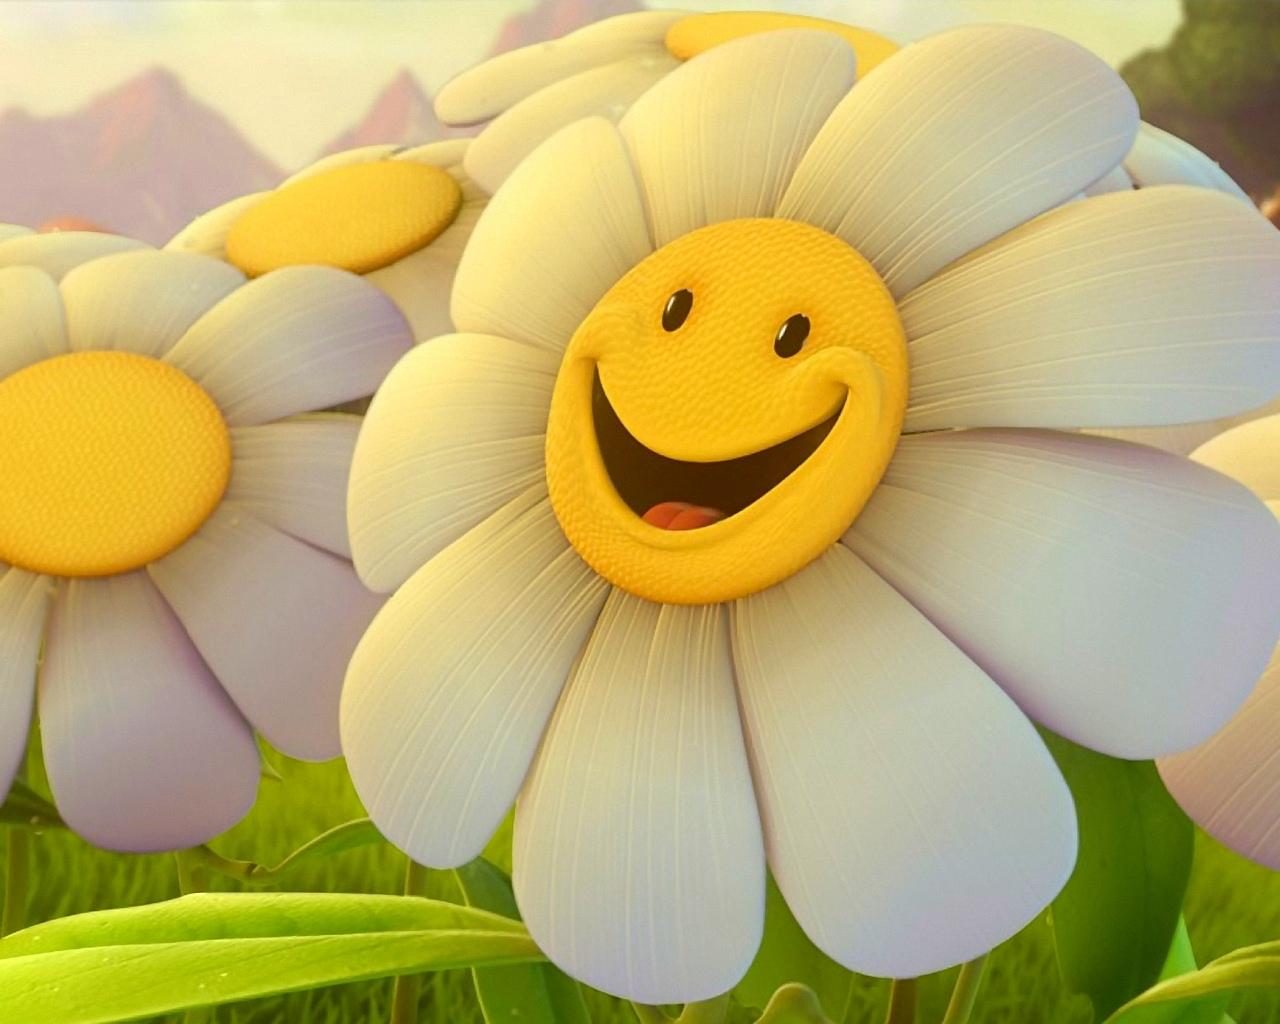 1677 Hintergrundbild herunterladen Blumen, Pflanzen, Kamille, Humor - Bildschirmschoner und Bilder kostenlos